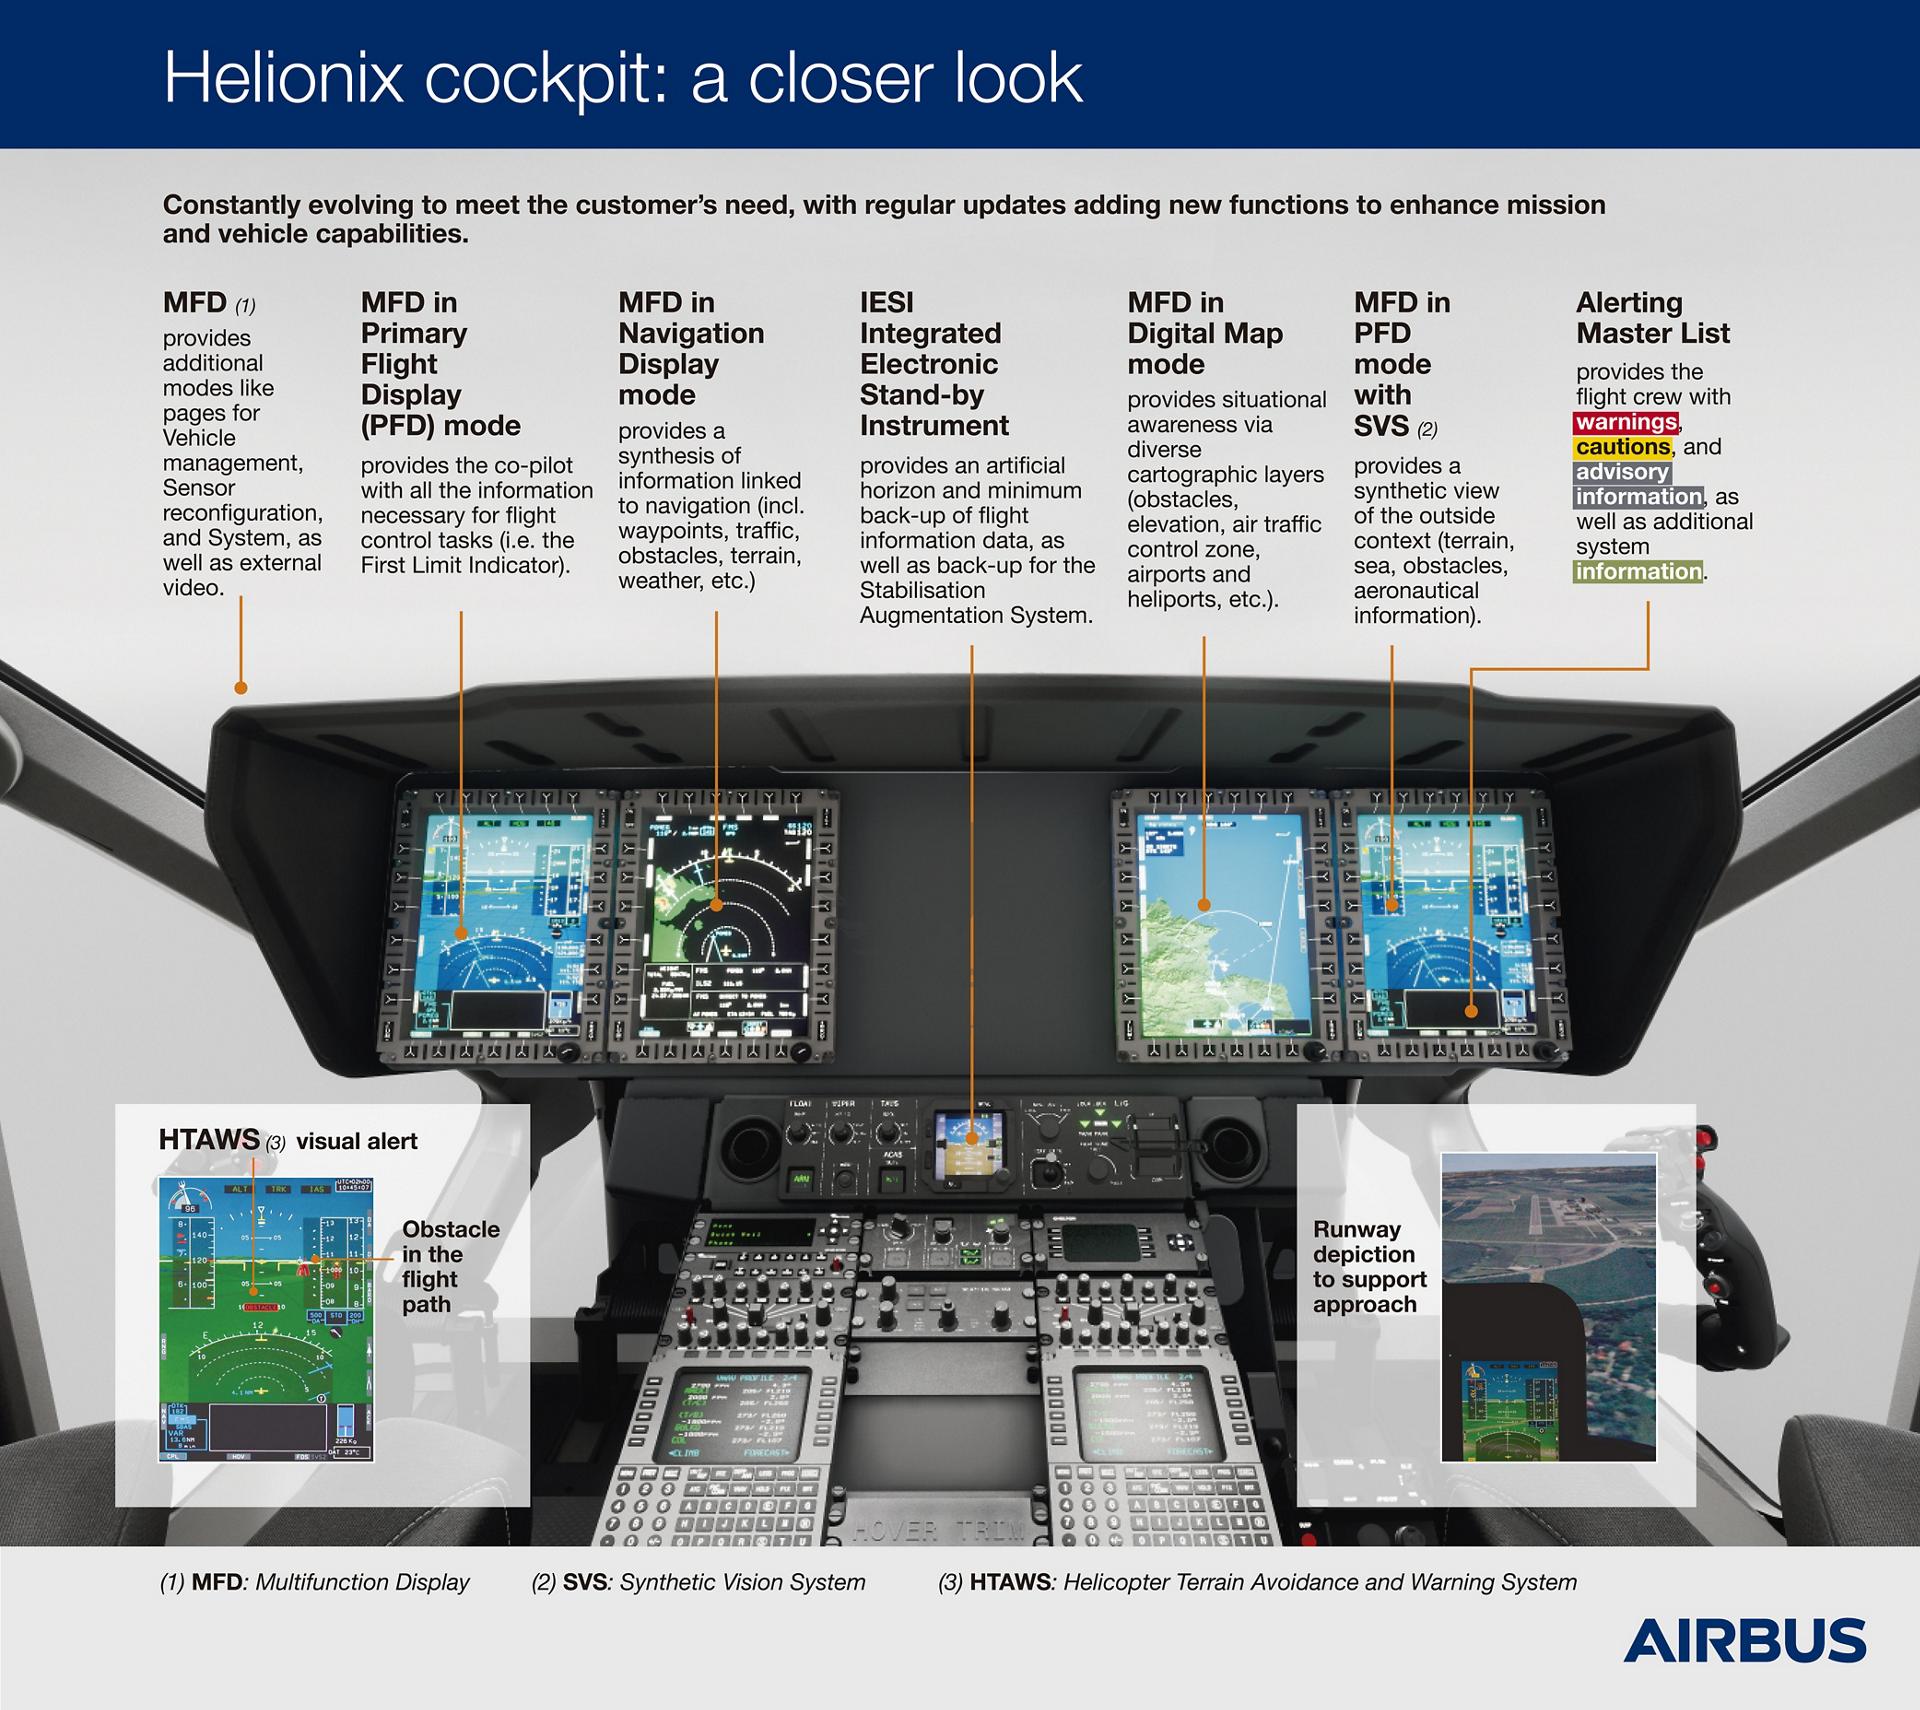 helionix-cockpit-infographic-20181206.png